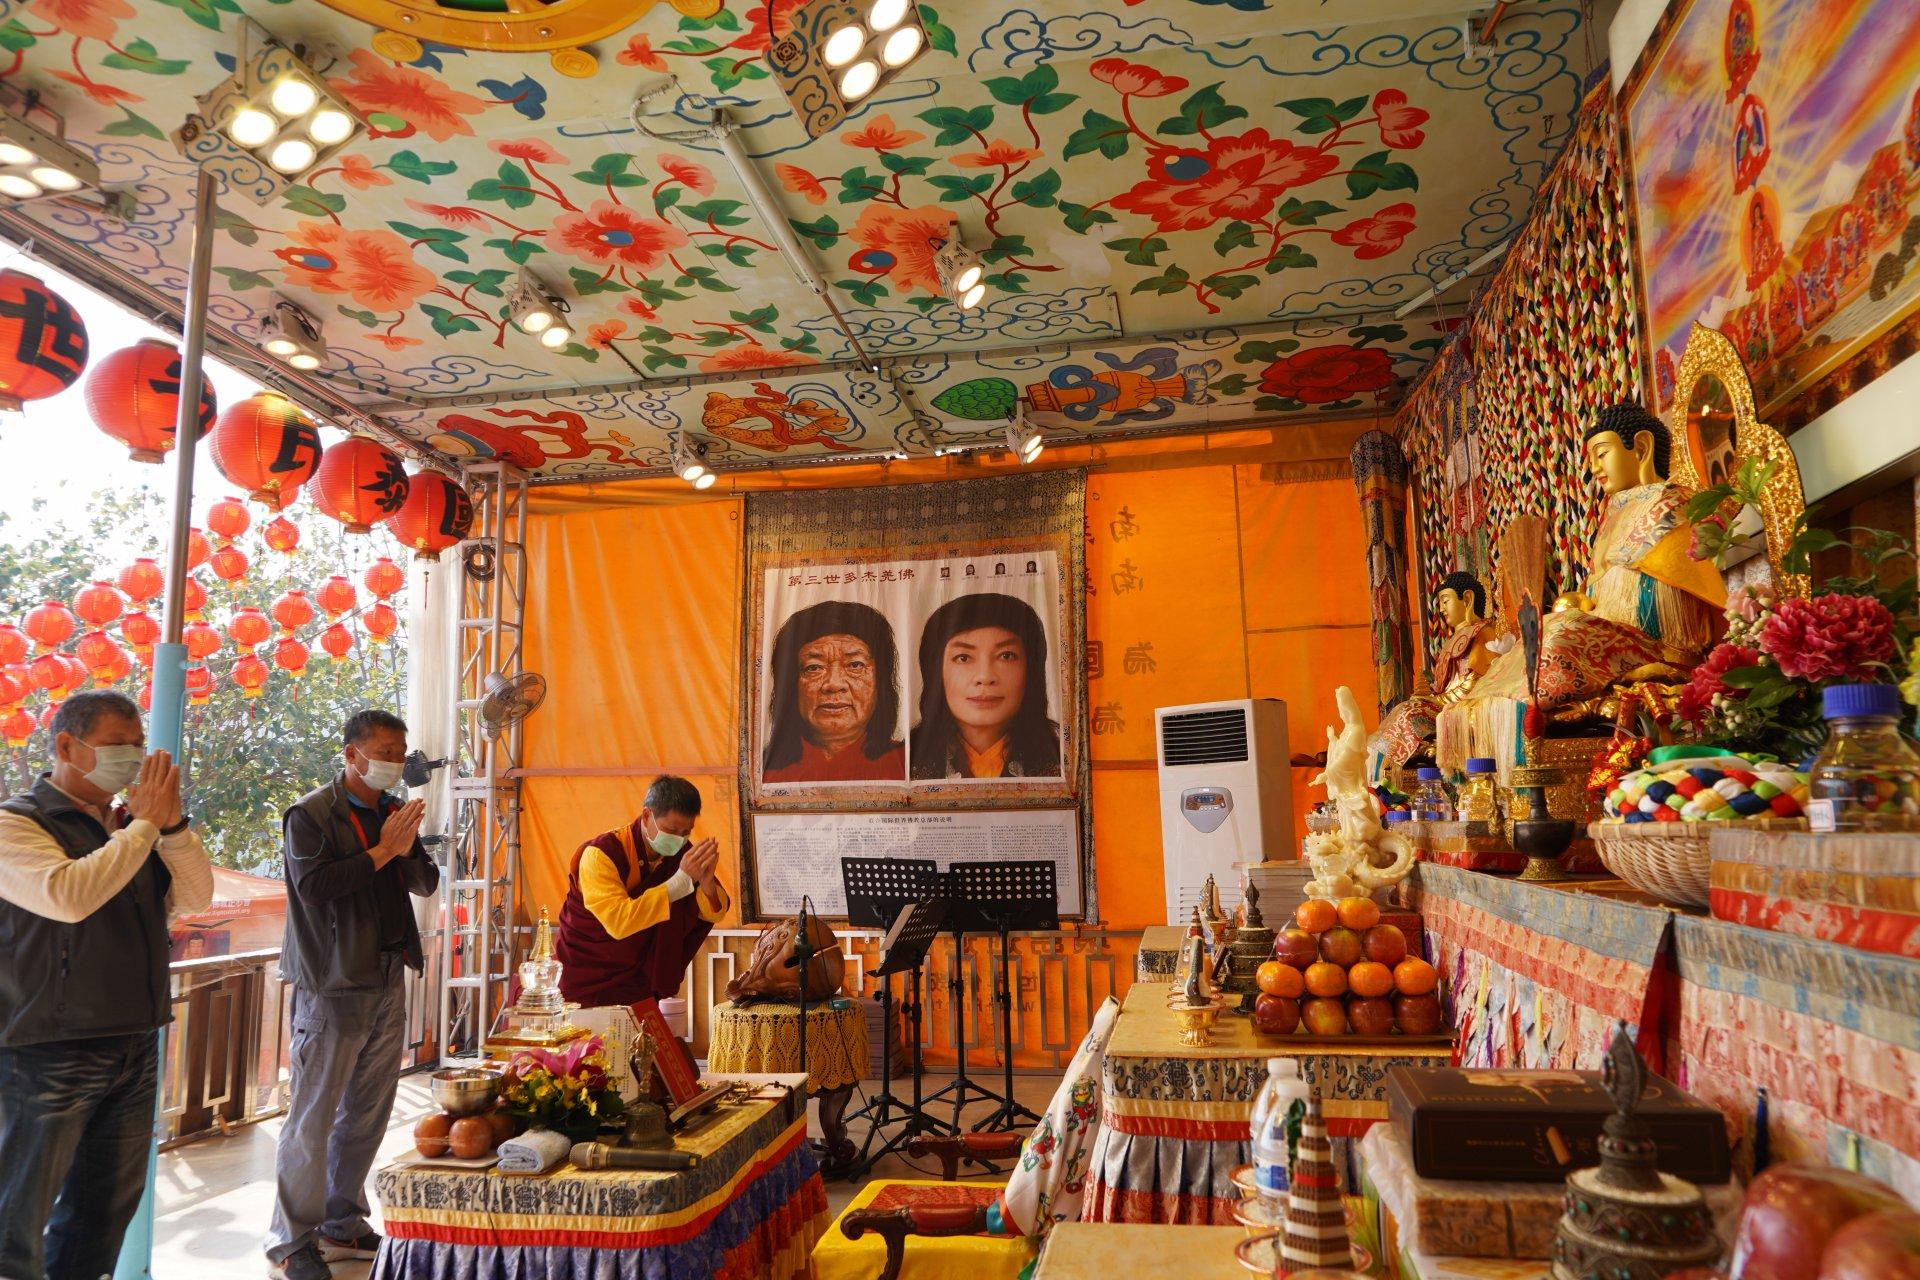 行動佛殿124站嘉義布袋漁港,當地分局警察至佛殿誠心頂禮祈願當地平安順利吉祥